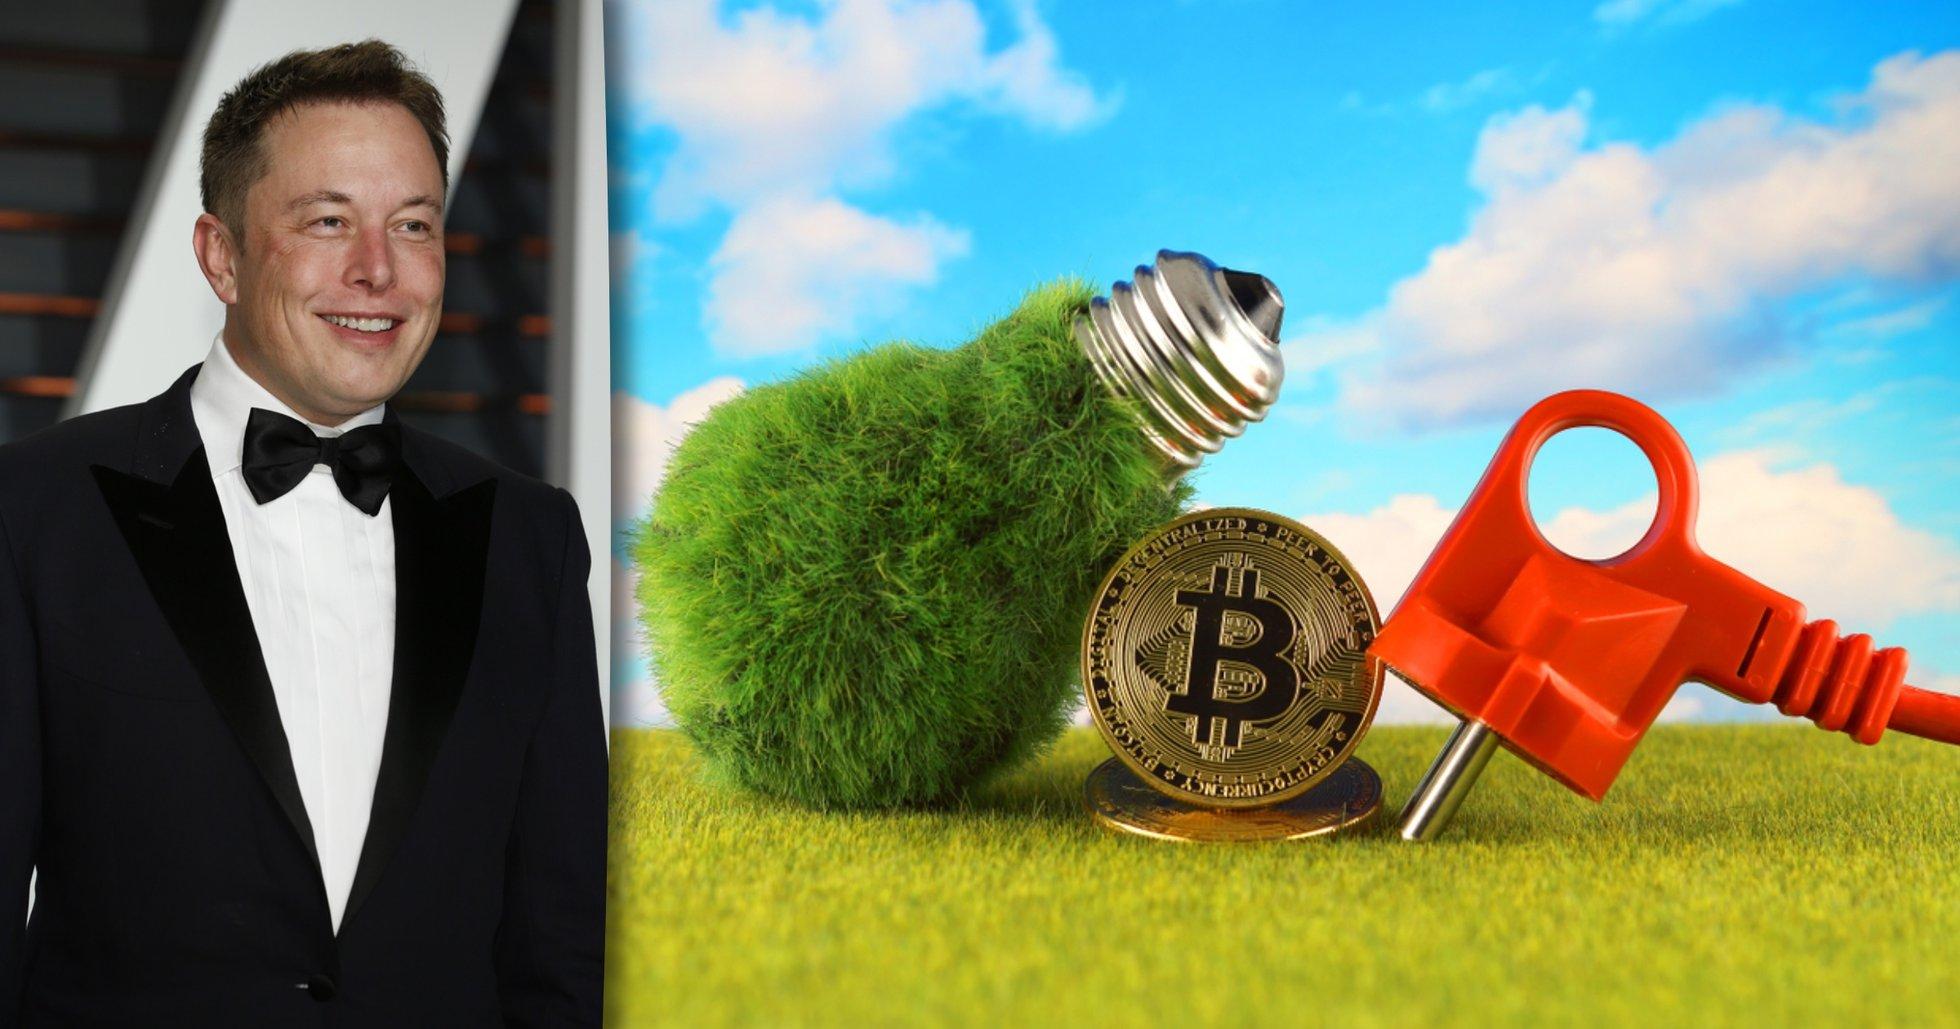 Amerikanska bitcoinminers startar klimatråd – efter möte med Elon Musk